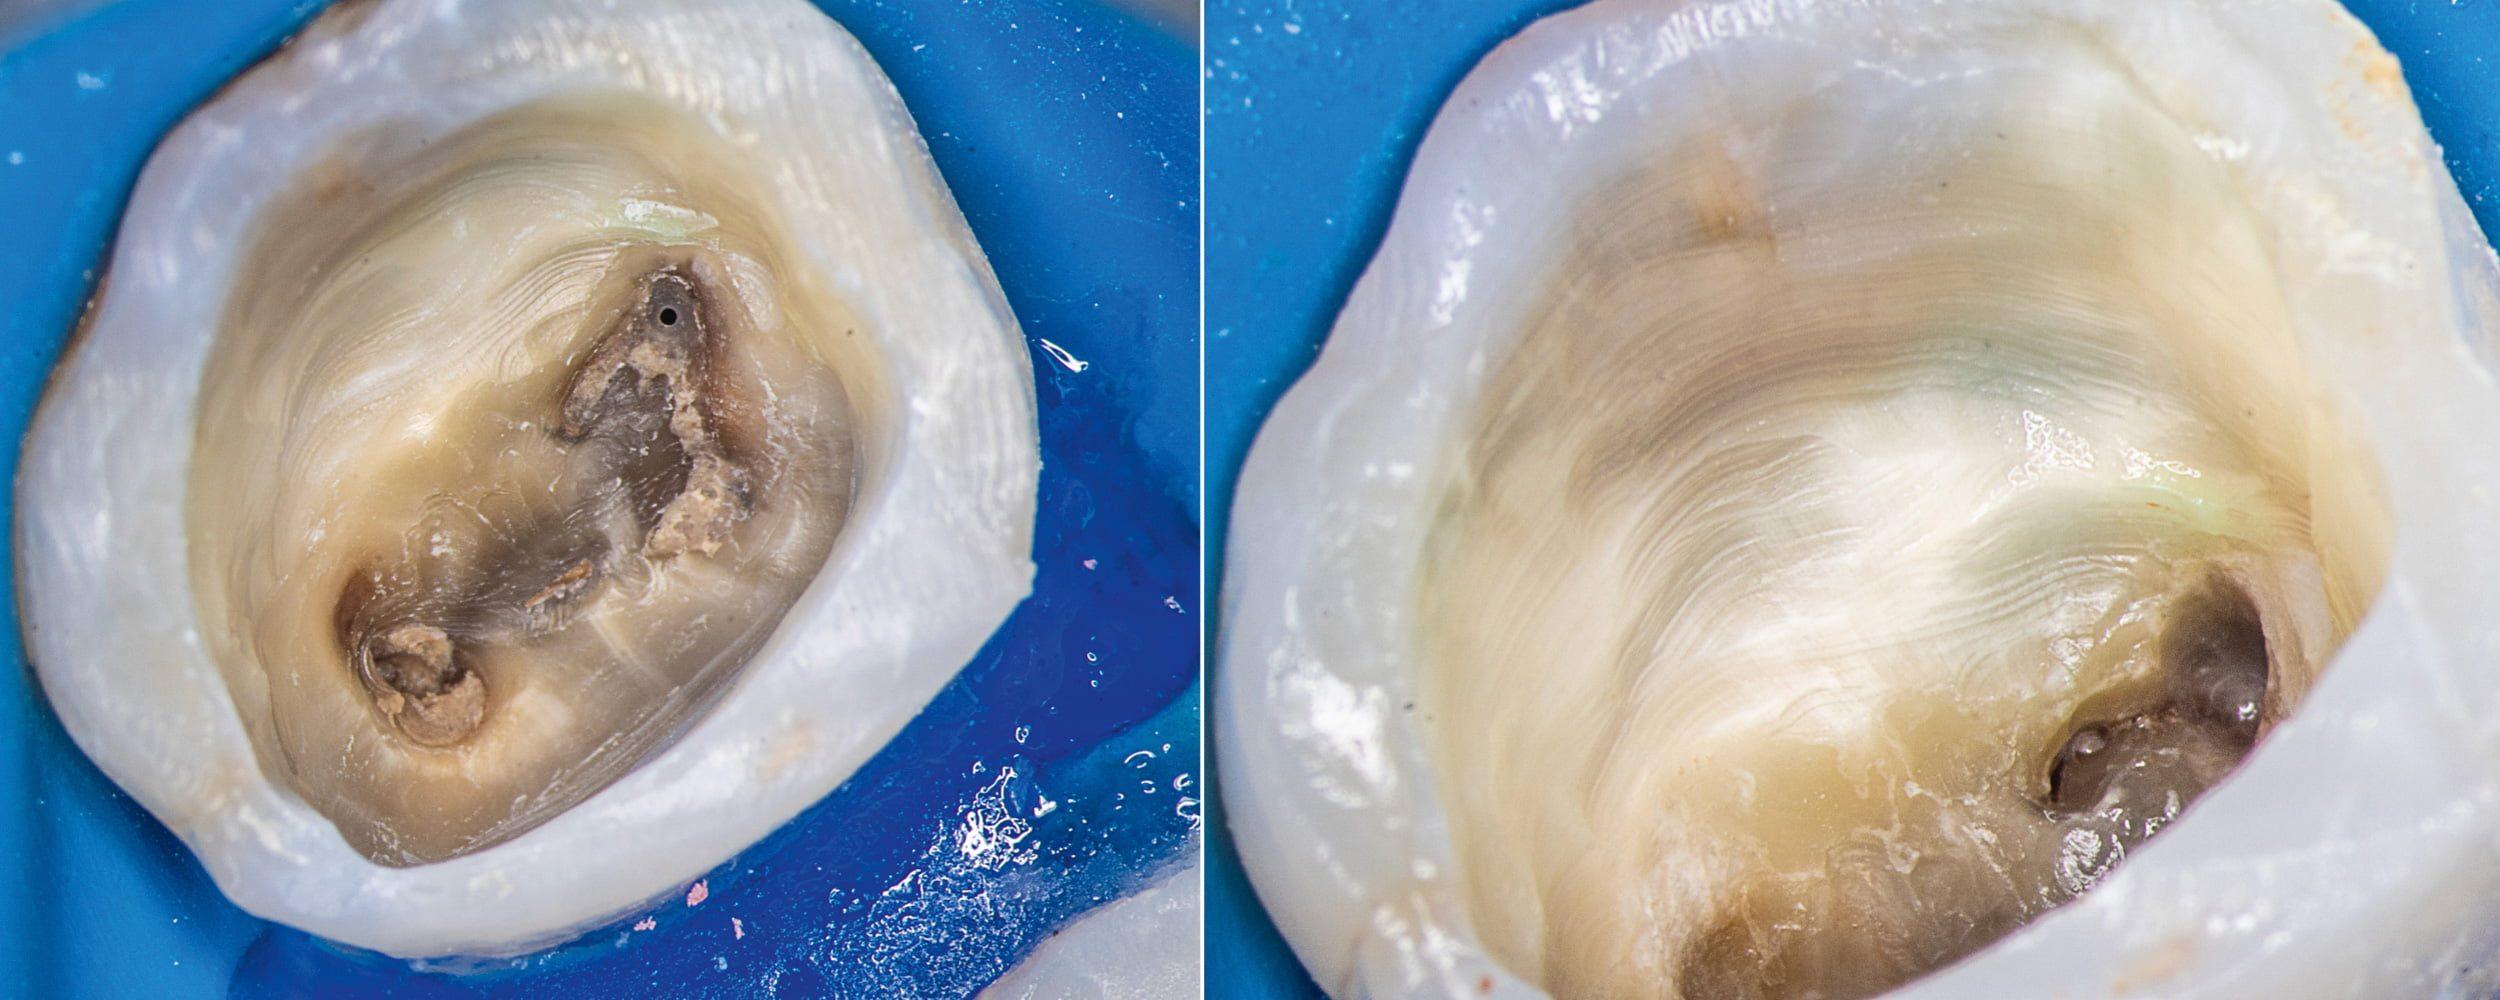 Przypadek 1 | Ryc. 3. Widok komory zęba po usunięciu wypełnienia. Widoczny materiał w ujściach kanałów MB1 i MB2. Po wypłukaniu widoczne ujście kanału MB1 oraz cieśń przy ujściu kanału MB2.